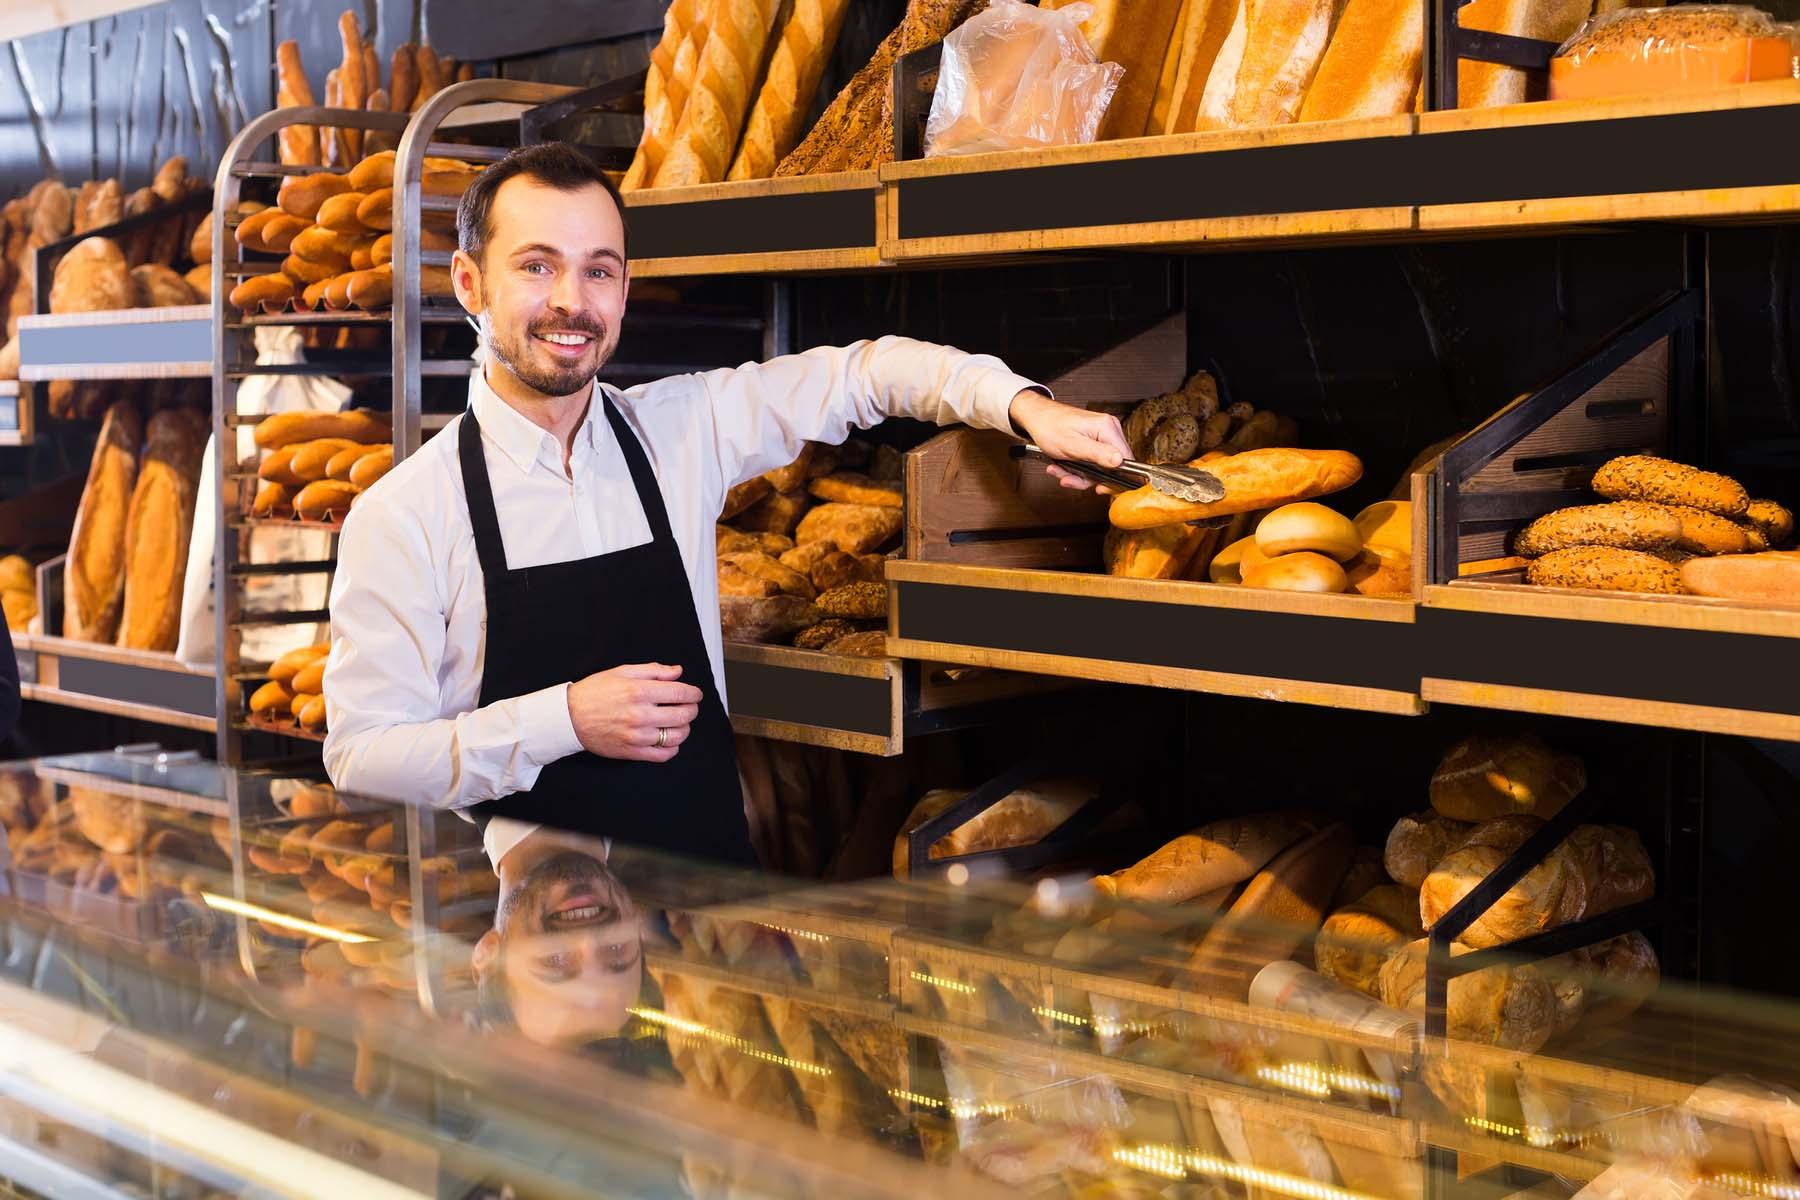 baker in France